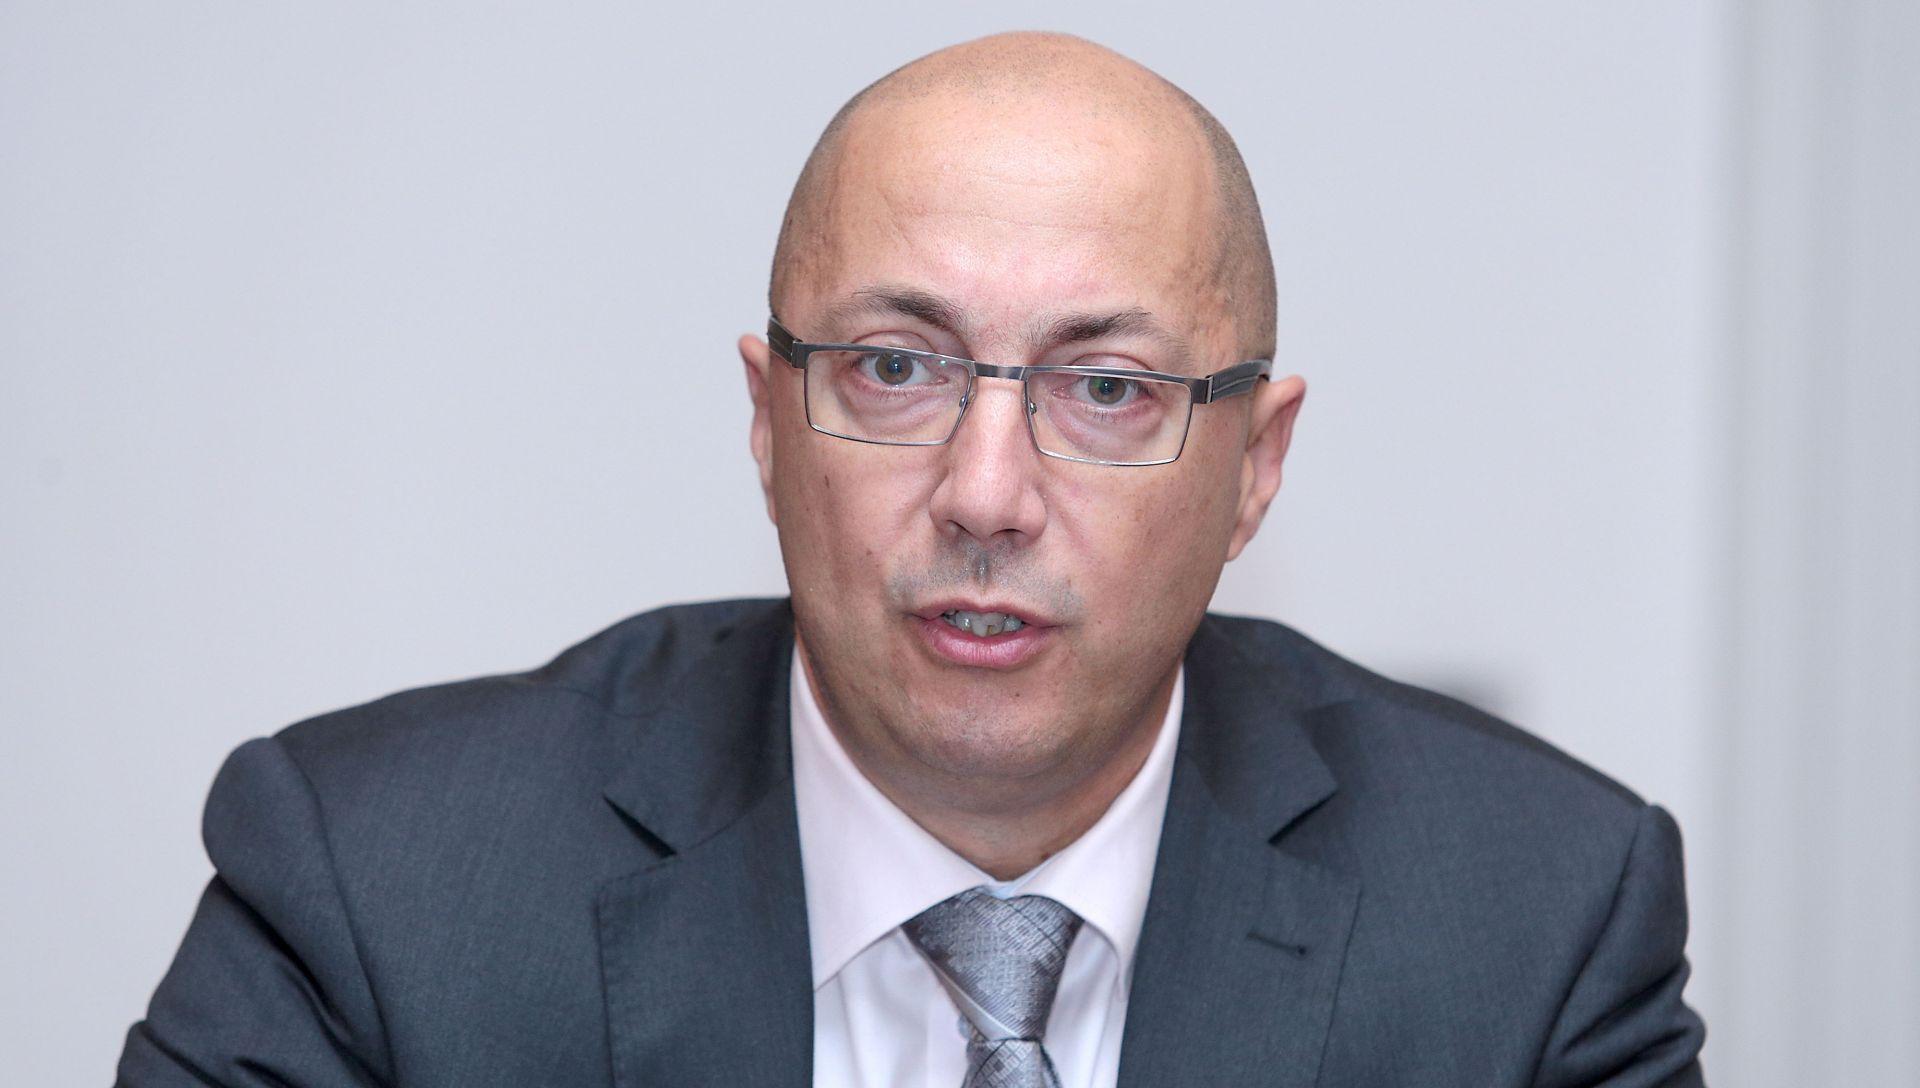 """IVAN KOVAČIĆ """"Iskreno, baš me briga hoće li Hasanbegović ostati ministar, važno je da se radi dobro"""""""